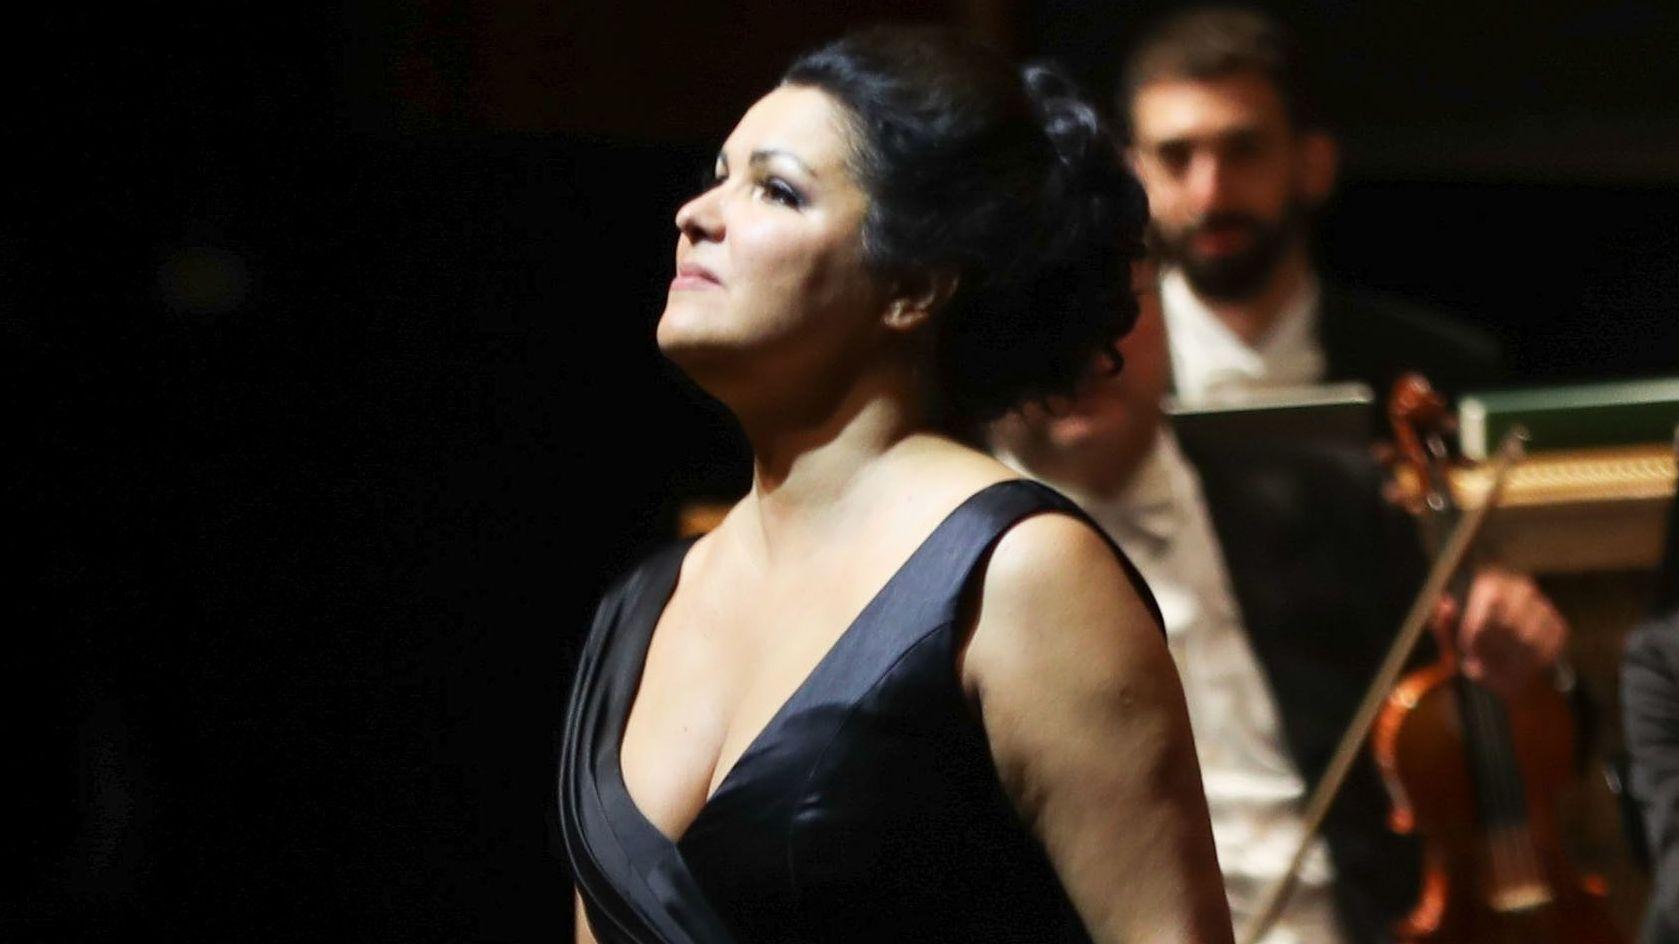 Opern-Star Anna Netrebko (47) hat ihr Debüt bei den Bayreuther Richard-Wagner-Festspielen kurzfristig abgesagt.